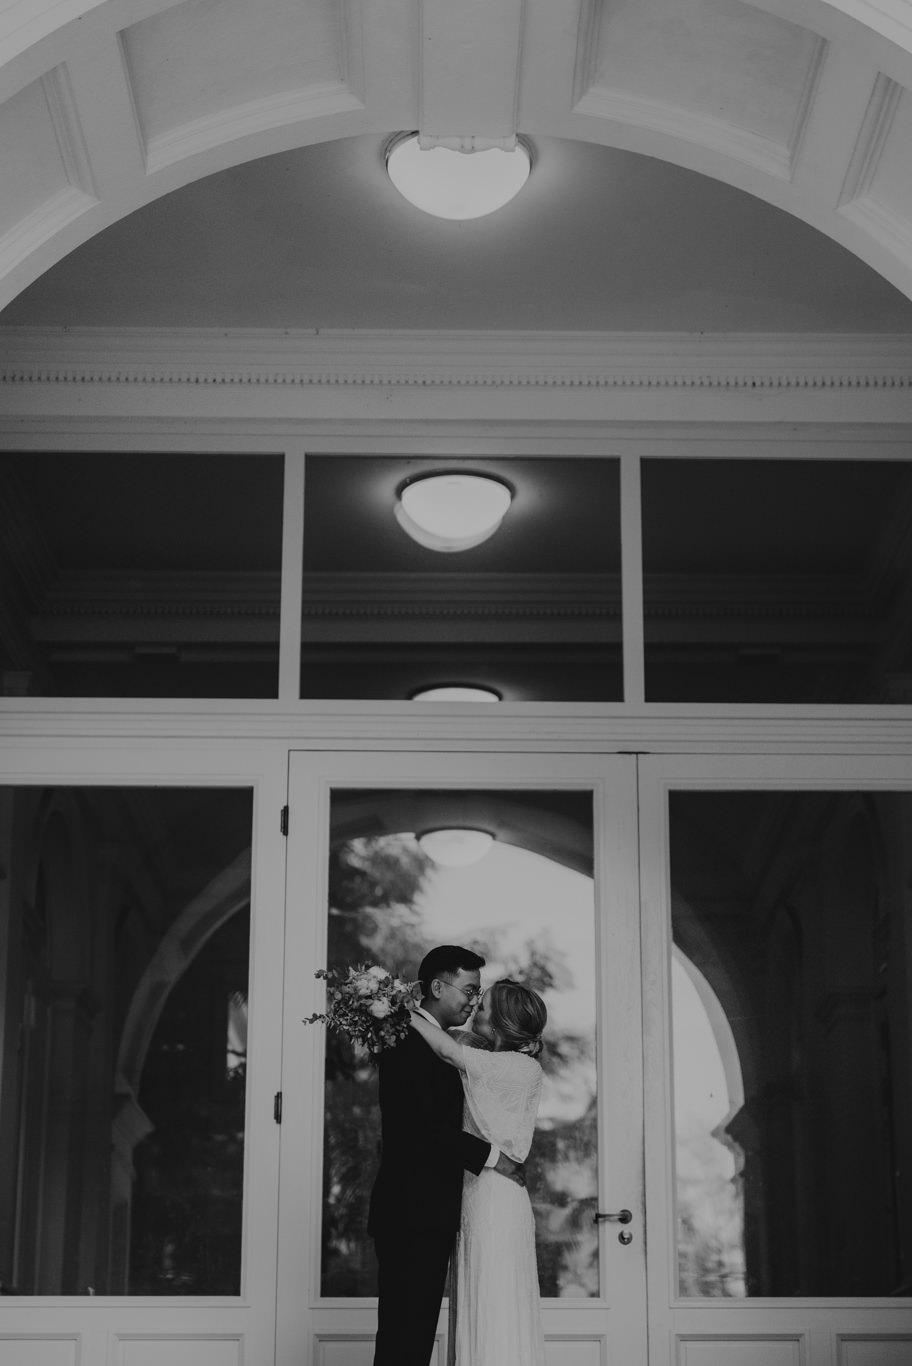 Hochzeitsfotograf Frankfurt Palmengarten Hochzeit Fotograf Boho Vintage Brautpaarshooting